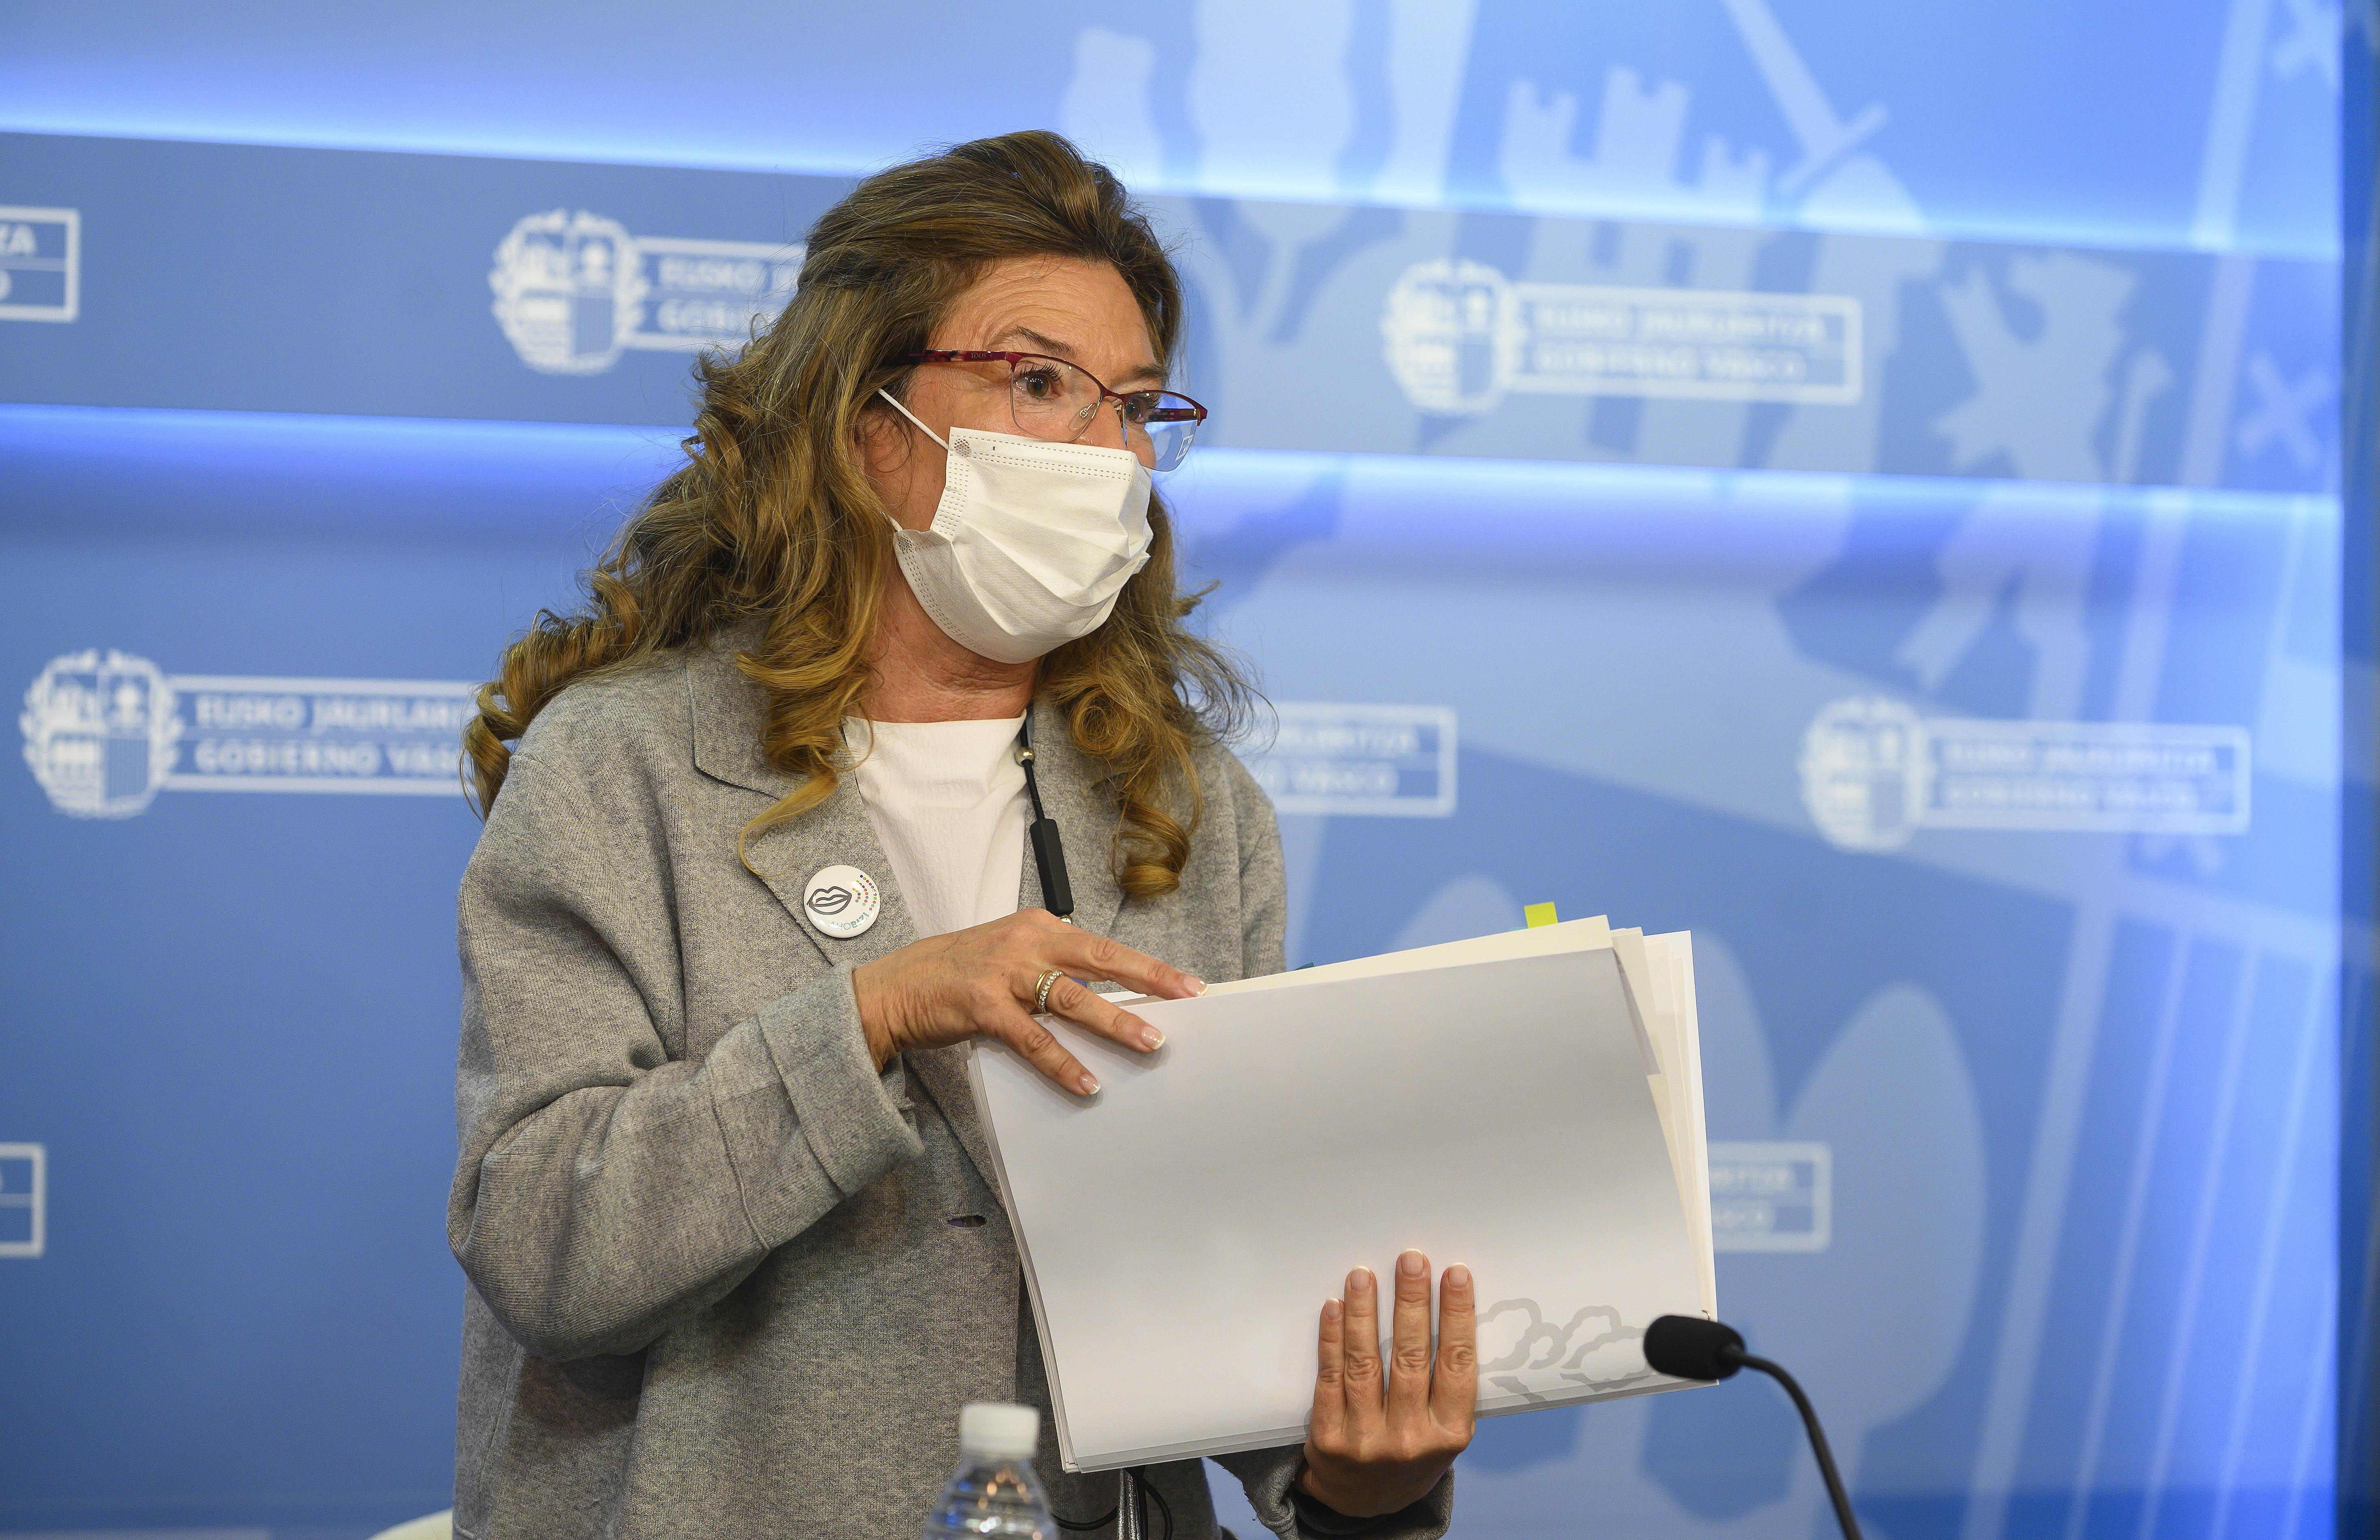 2020_11_30_comparecencia_salud_labi_03.jpg